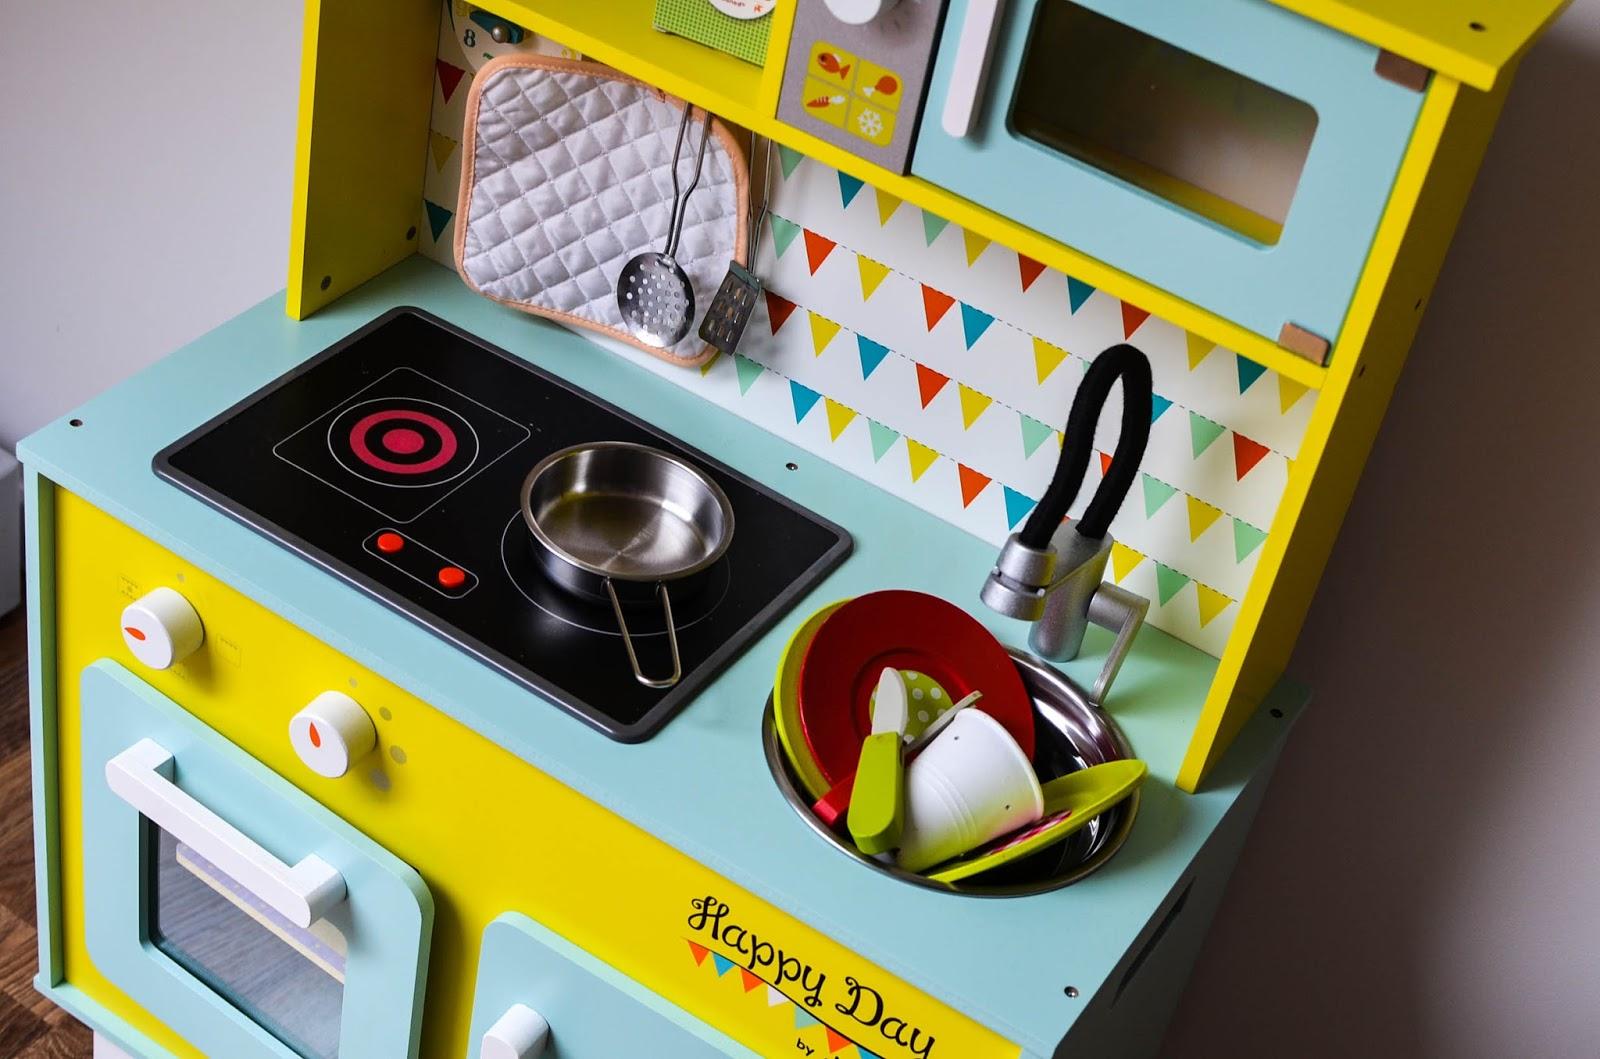 Zabawa W Gotowanie Wybieramy Kuchnię Dla Dziecka Maluszkowe